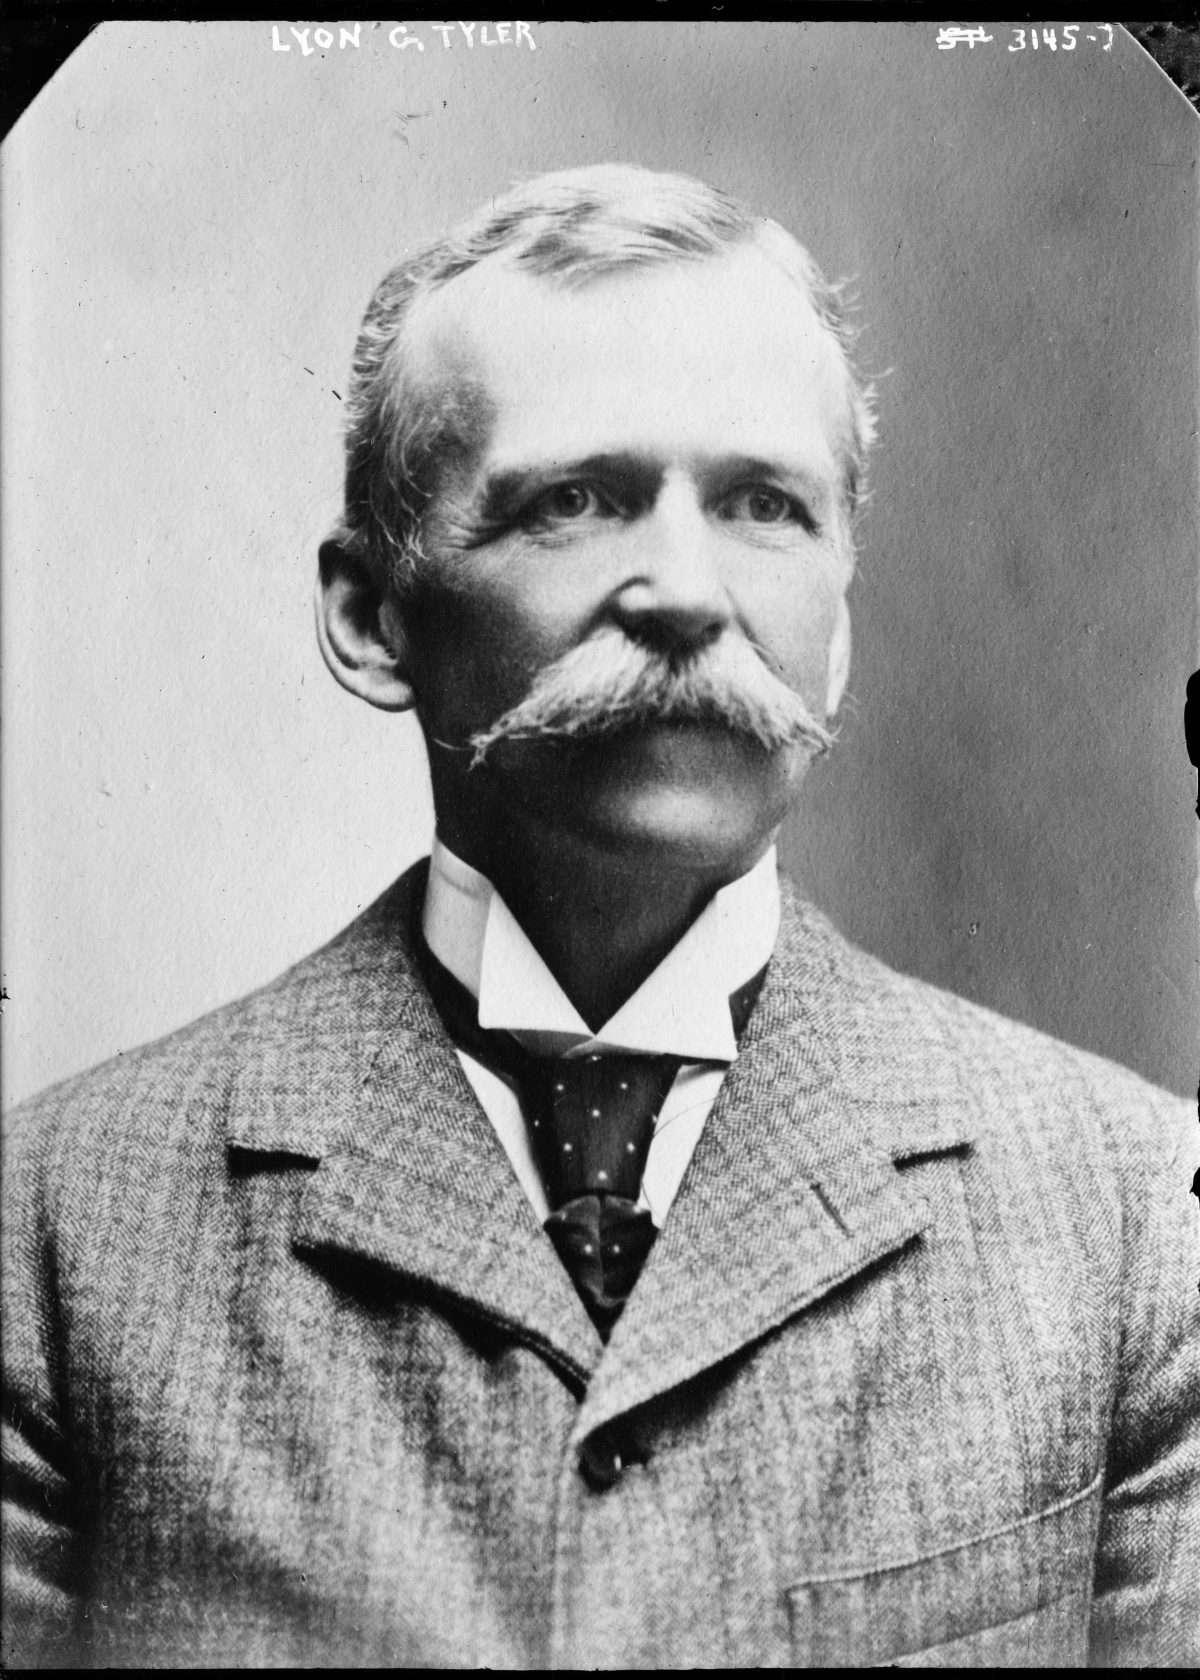 Lyon G. Tyler